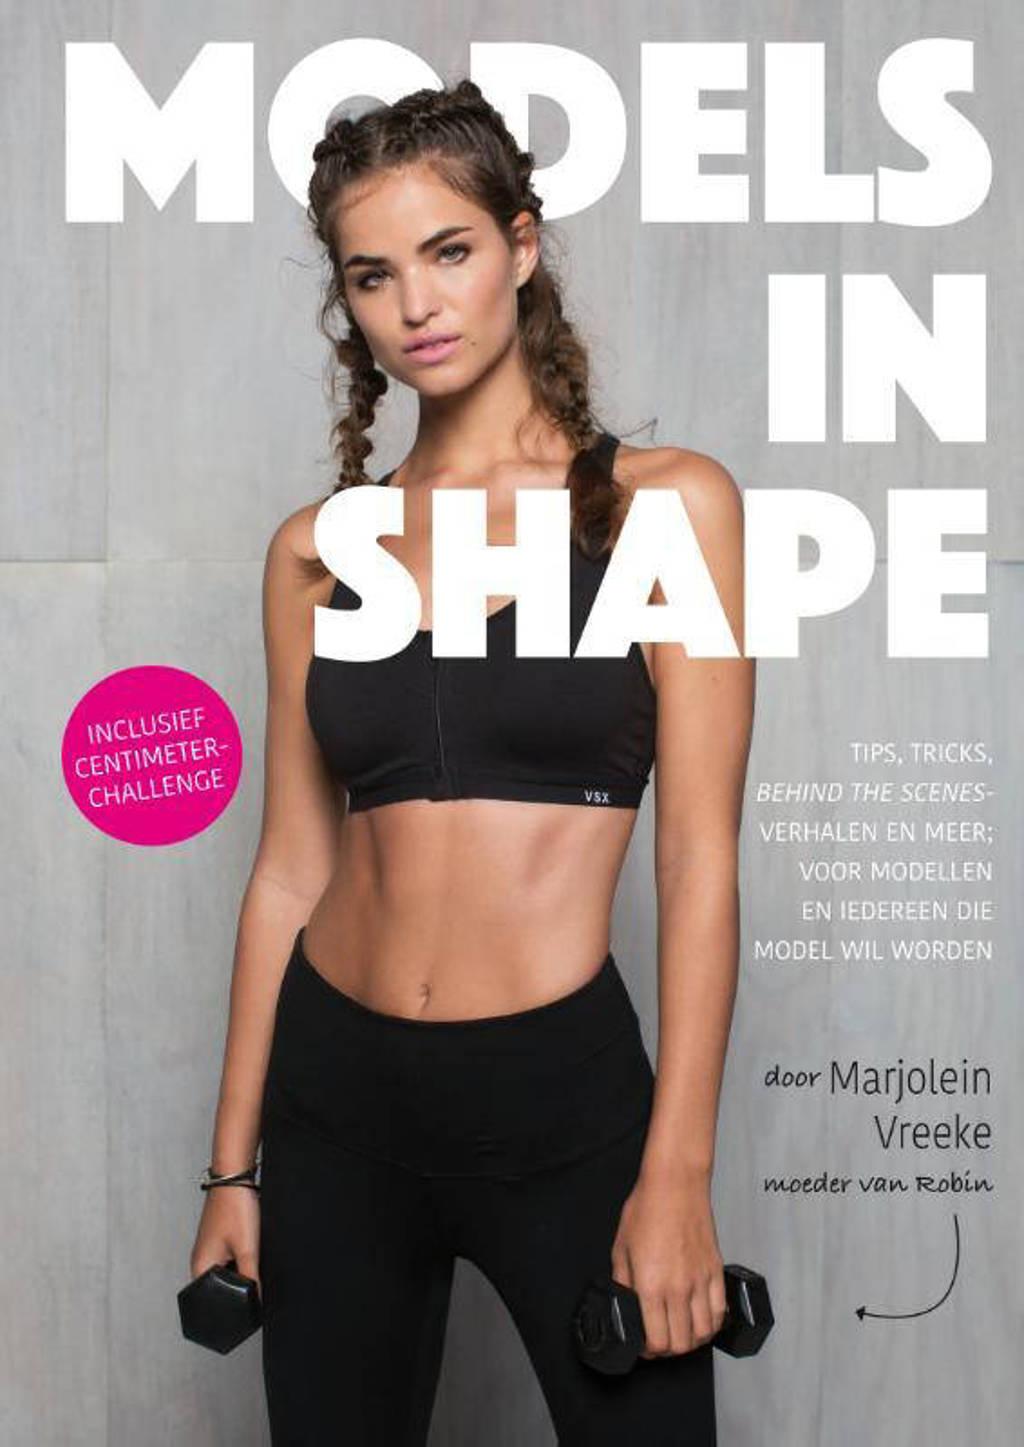 Models in Shape - Marjolein Vreeke